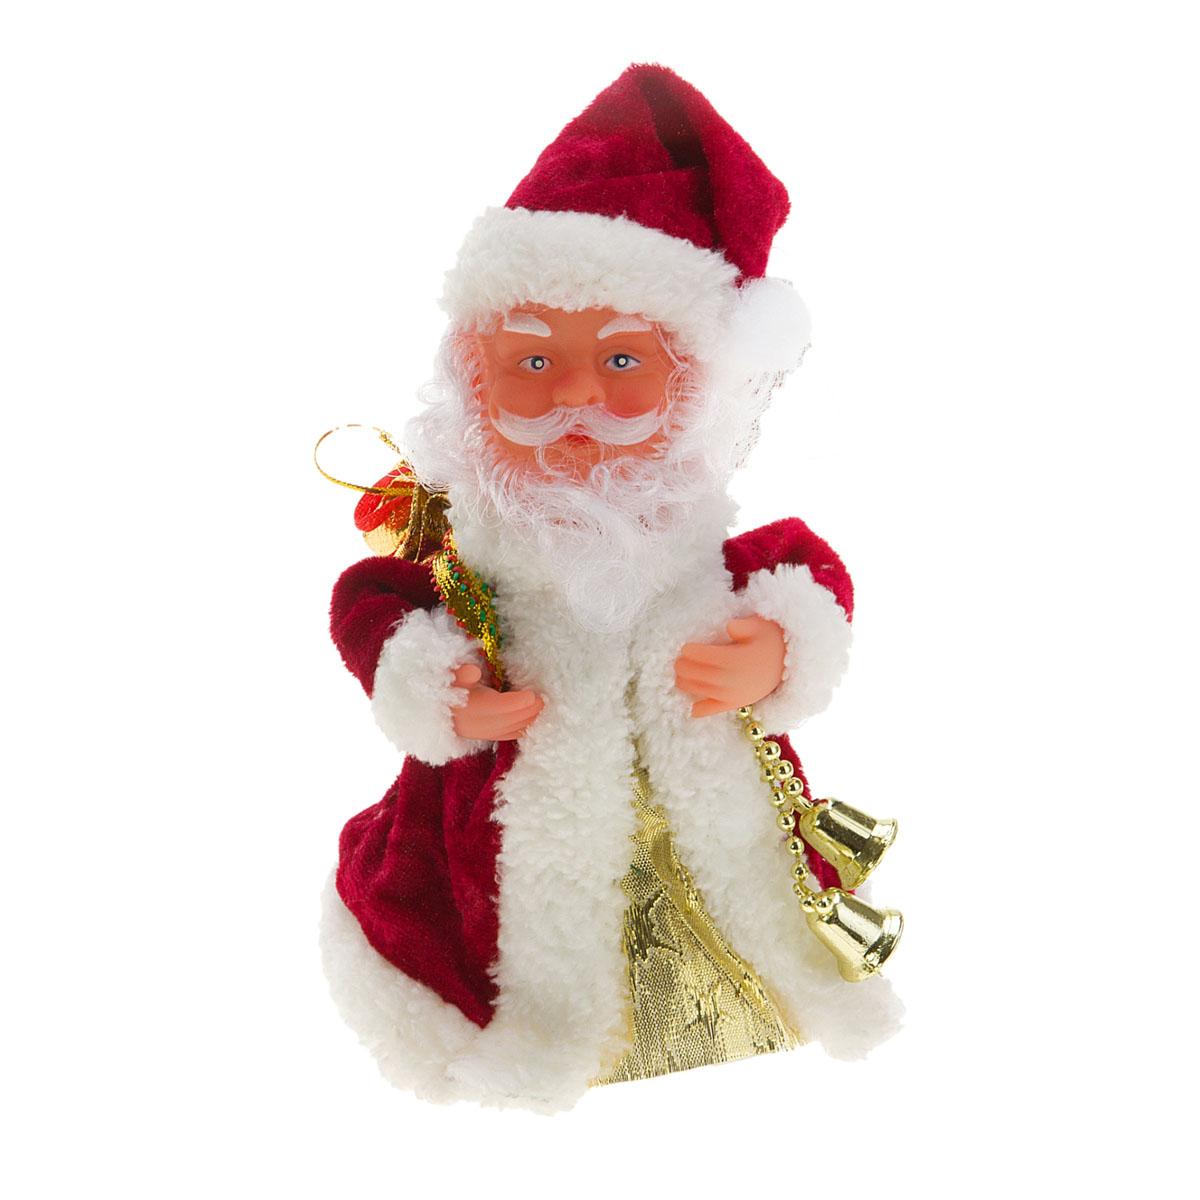 Новогодняя декоративная фигурка Sima-land Дед Мороз, анимированная, высота 18 см. 82779028799Новогодняя декоративная фигурка выполнена из высококачественного пластика в виде Деда Мороза. Дед Мороз одет в шубу с опушкой. На голове колпак в цвет шубы. В одной руке Дед Мороз держит мешок с подарками, а в другой - связку колокольчиков. Особенностью фигурки является наличие механизма, при включении которого играет мелодия, кукла начинает кружиться и двигаться, шевеля руками и головой. Его добрый вид и очаровательная улыбка притягивают к себе восторженные взгляды. Декоративная фигурка Дед Мороз подойдет для оформления новогоднего интерьера и принесет с собой атмосферу радости и веселья.